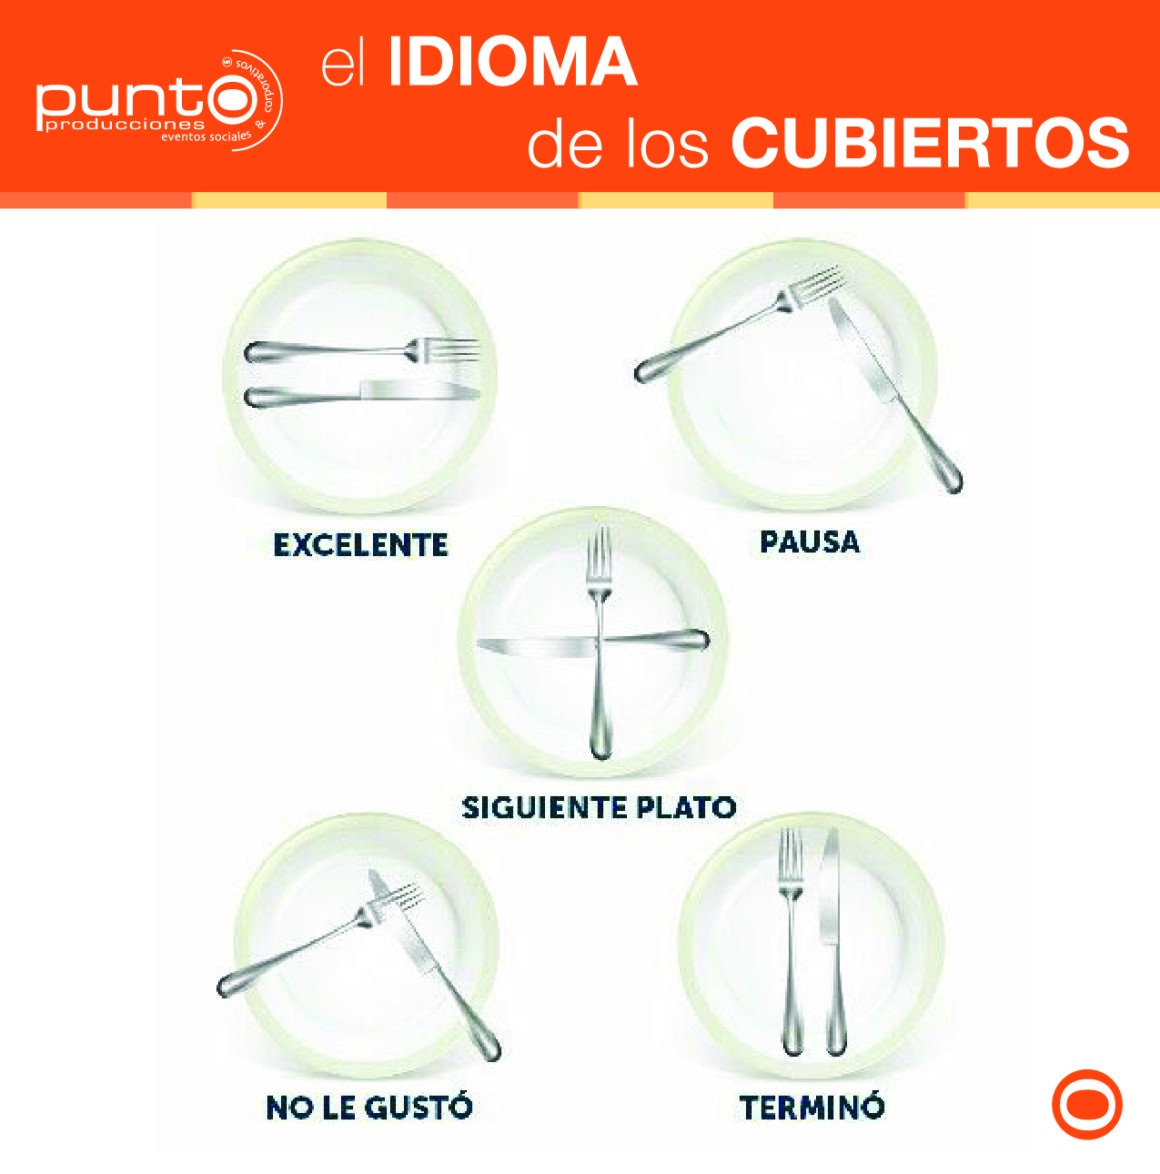 Idioma_Cubiertos-ByPuntoProducciones-1160x1174